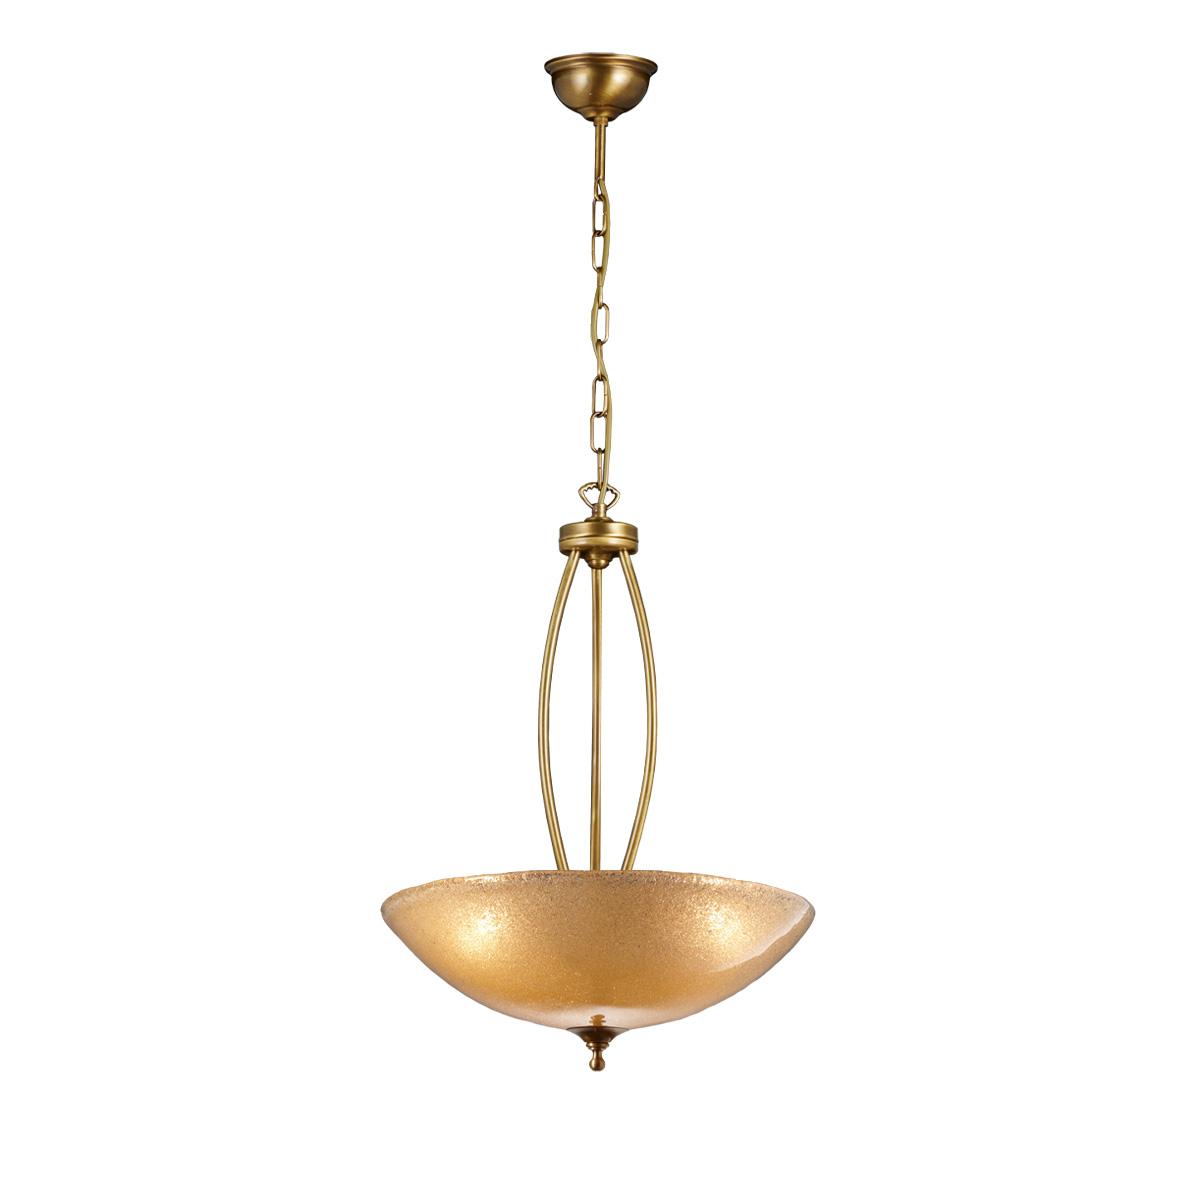 Κλασικό μπρούτζινο κρεμαστό φωτιστικό ΒΙΚΟΣ classic brass suspension lamp